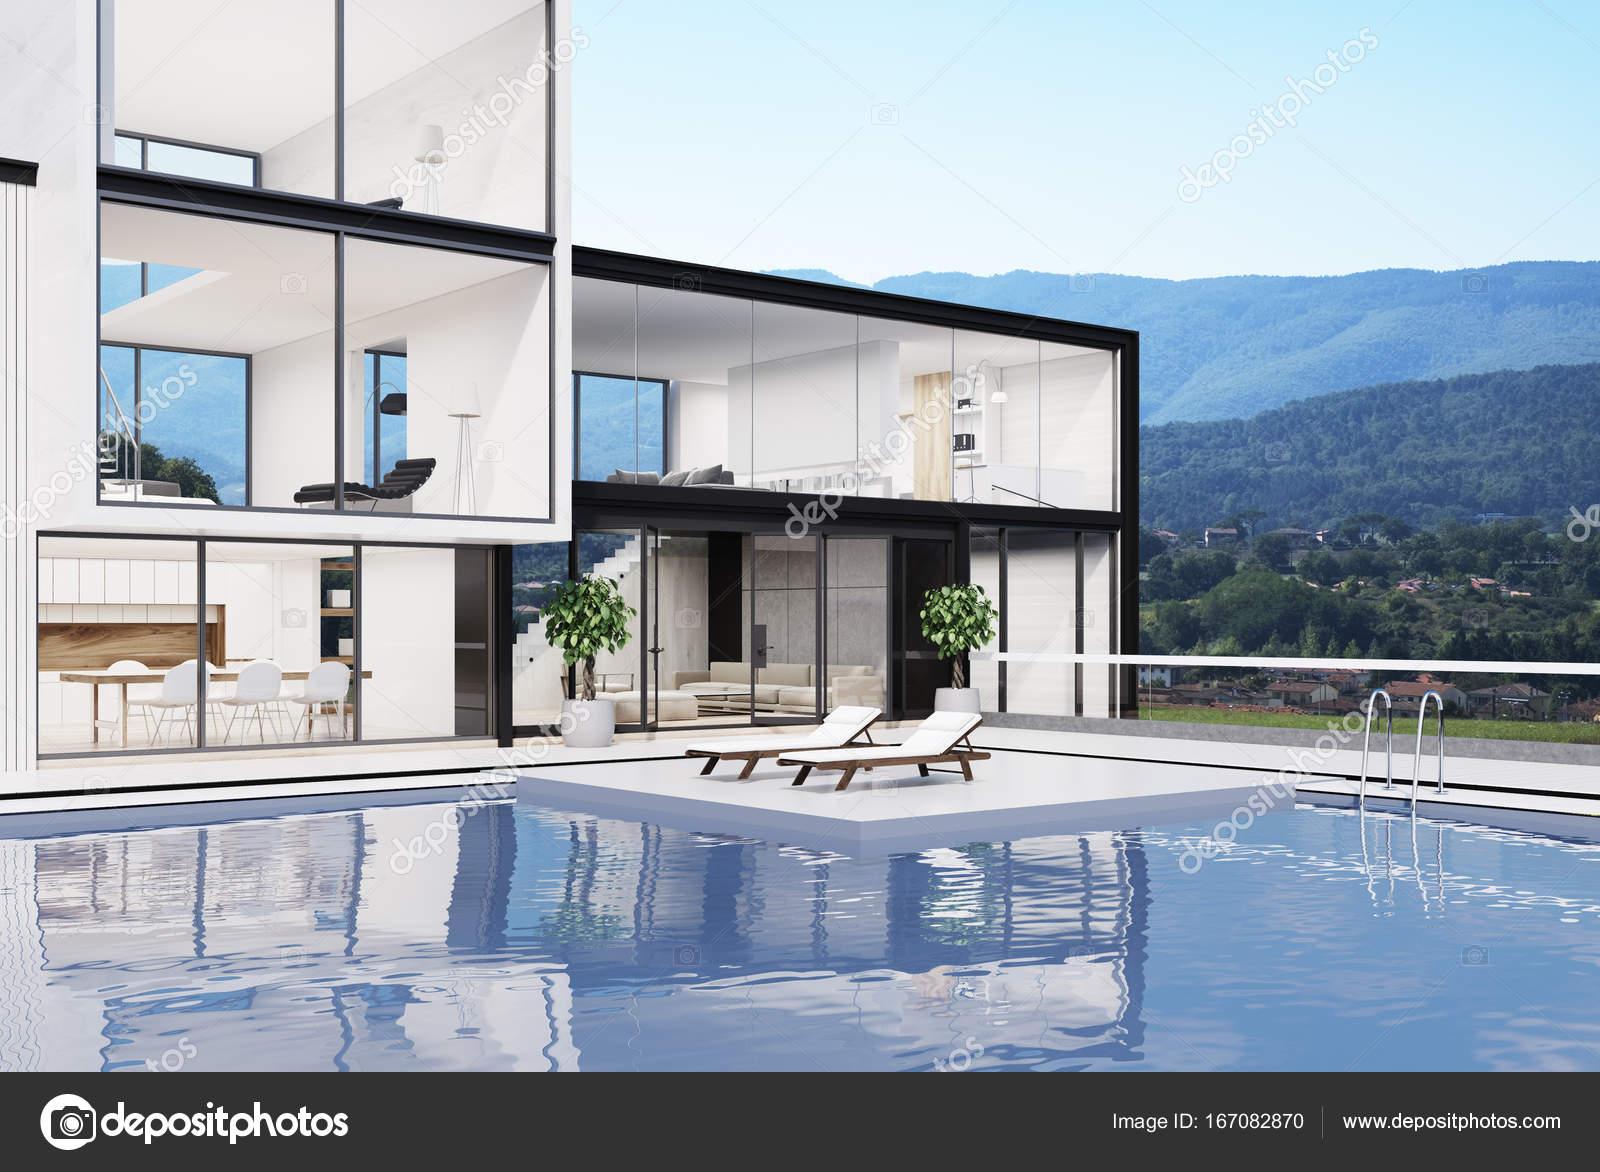 Grande maison blanche avec une piscine côté photo